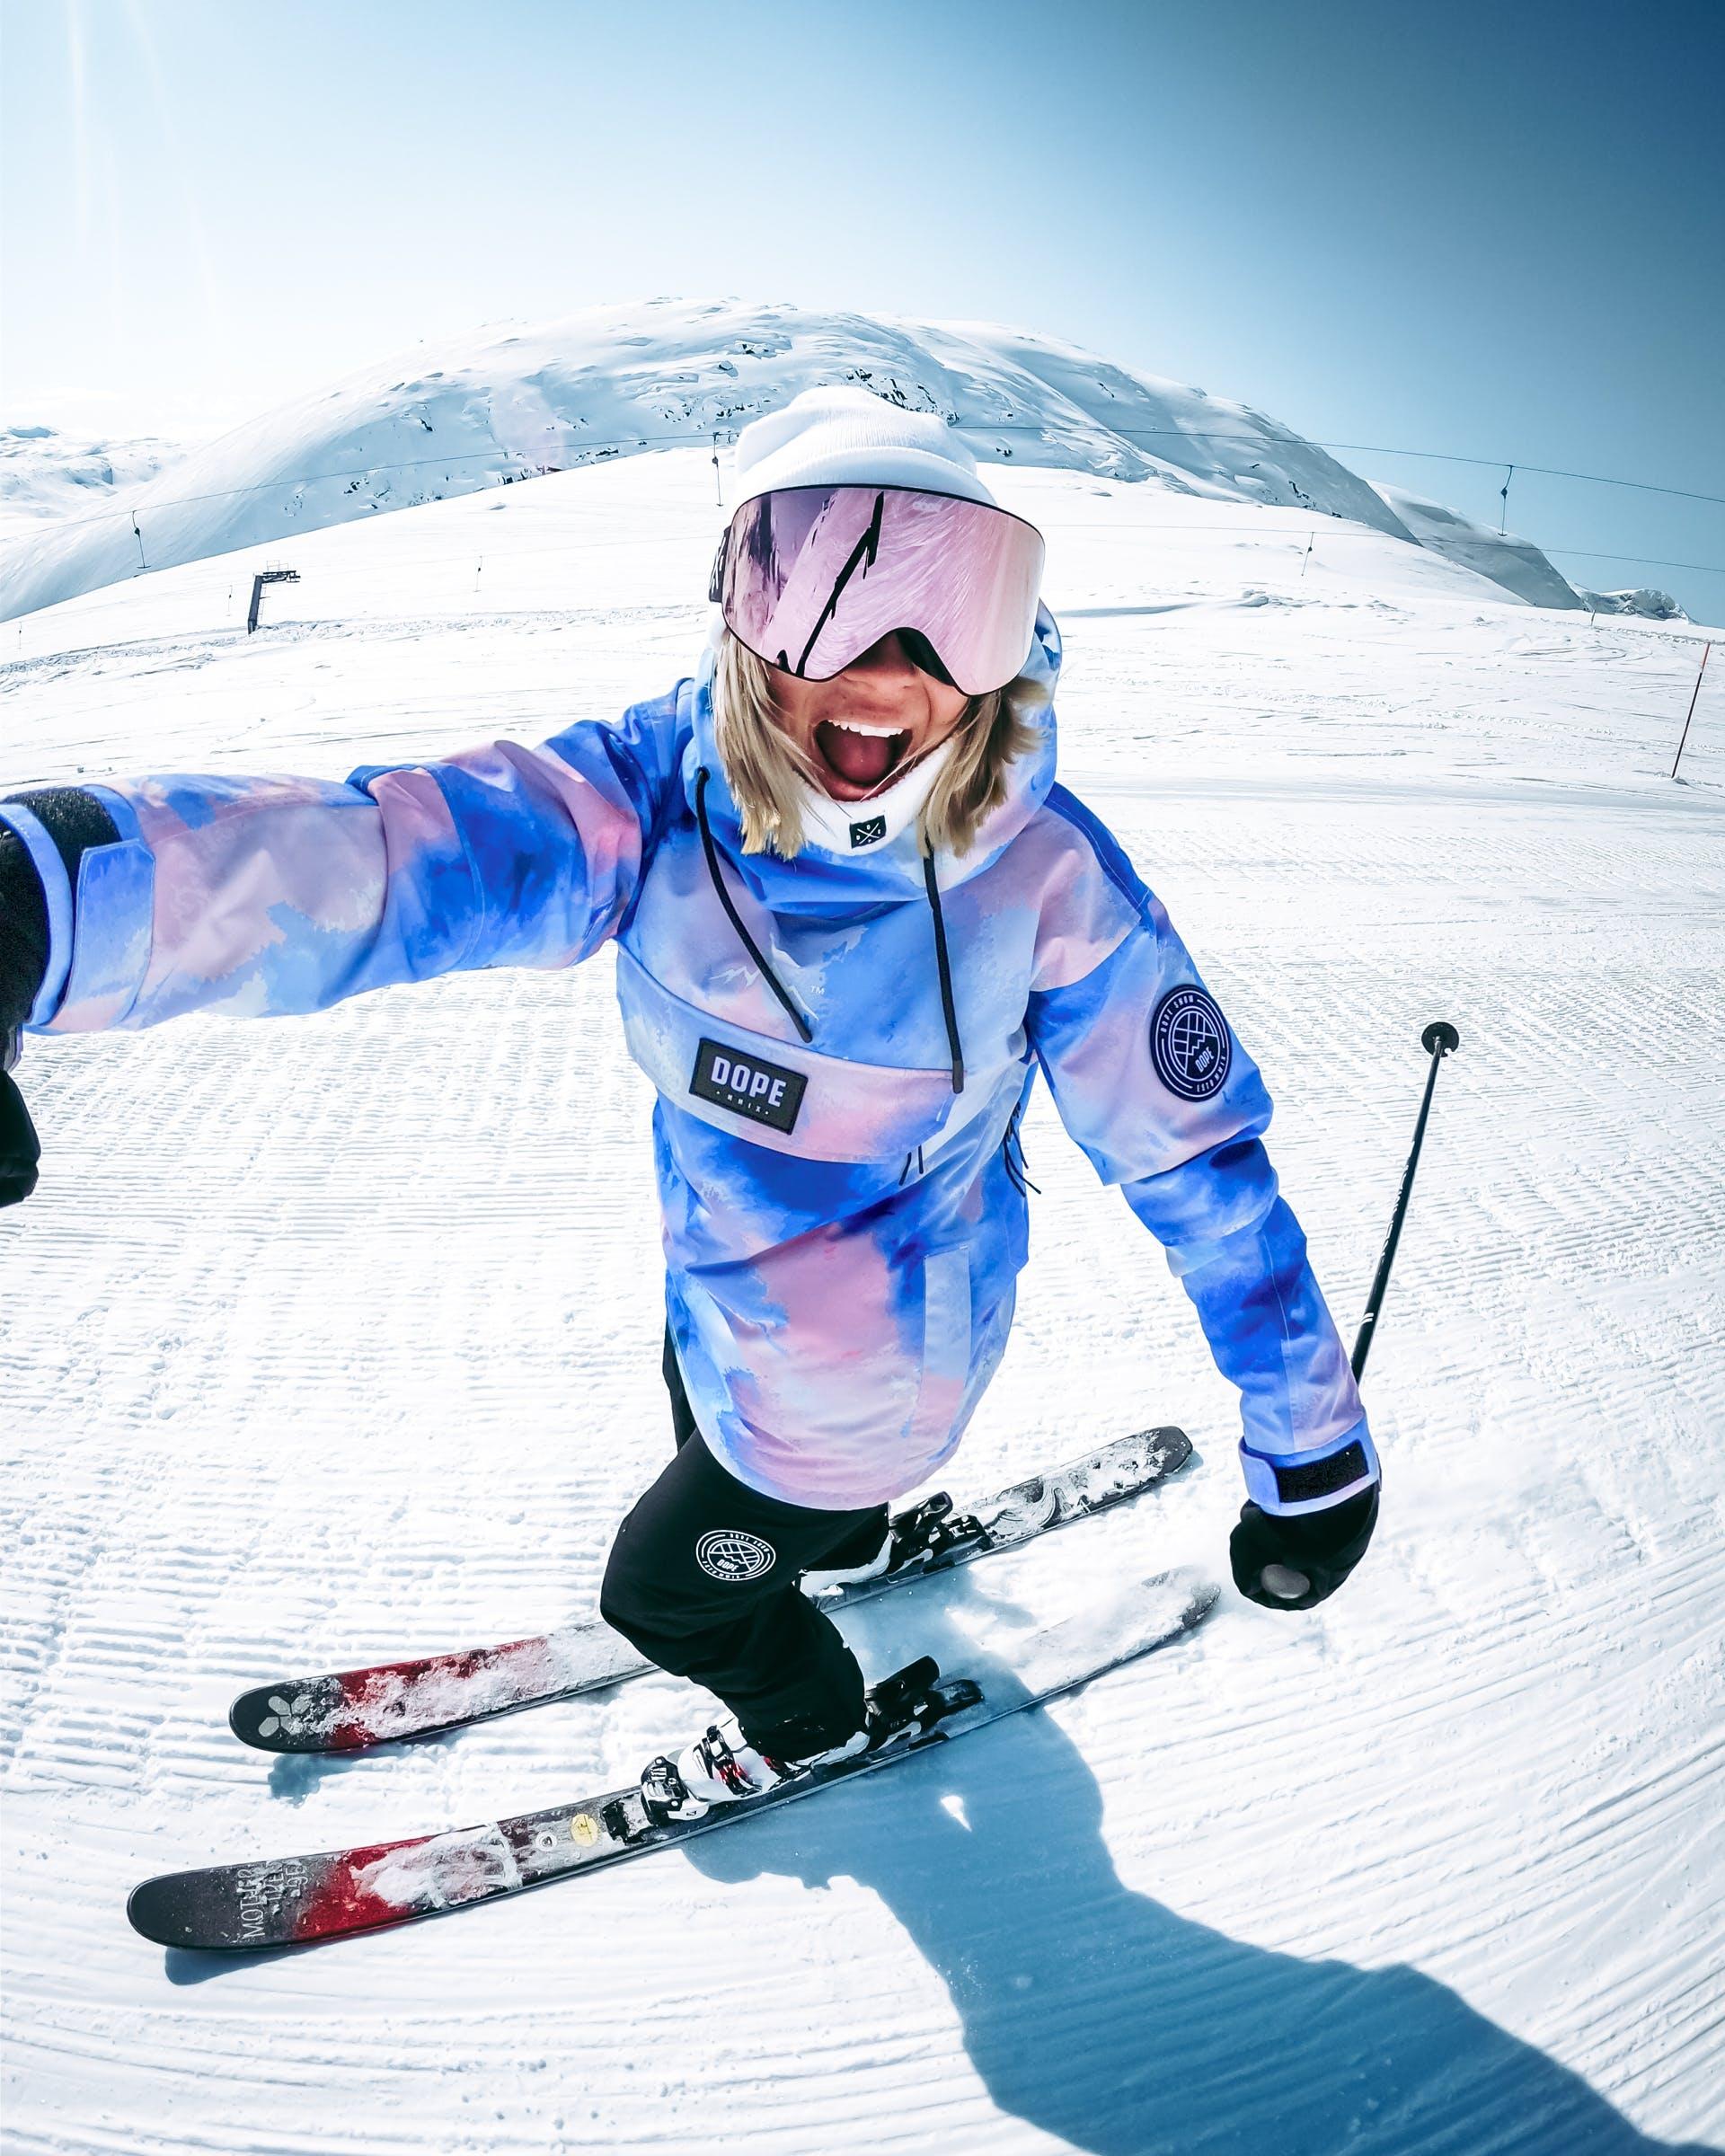 piu stile sulle piste da sci